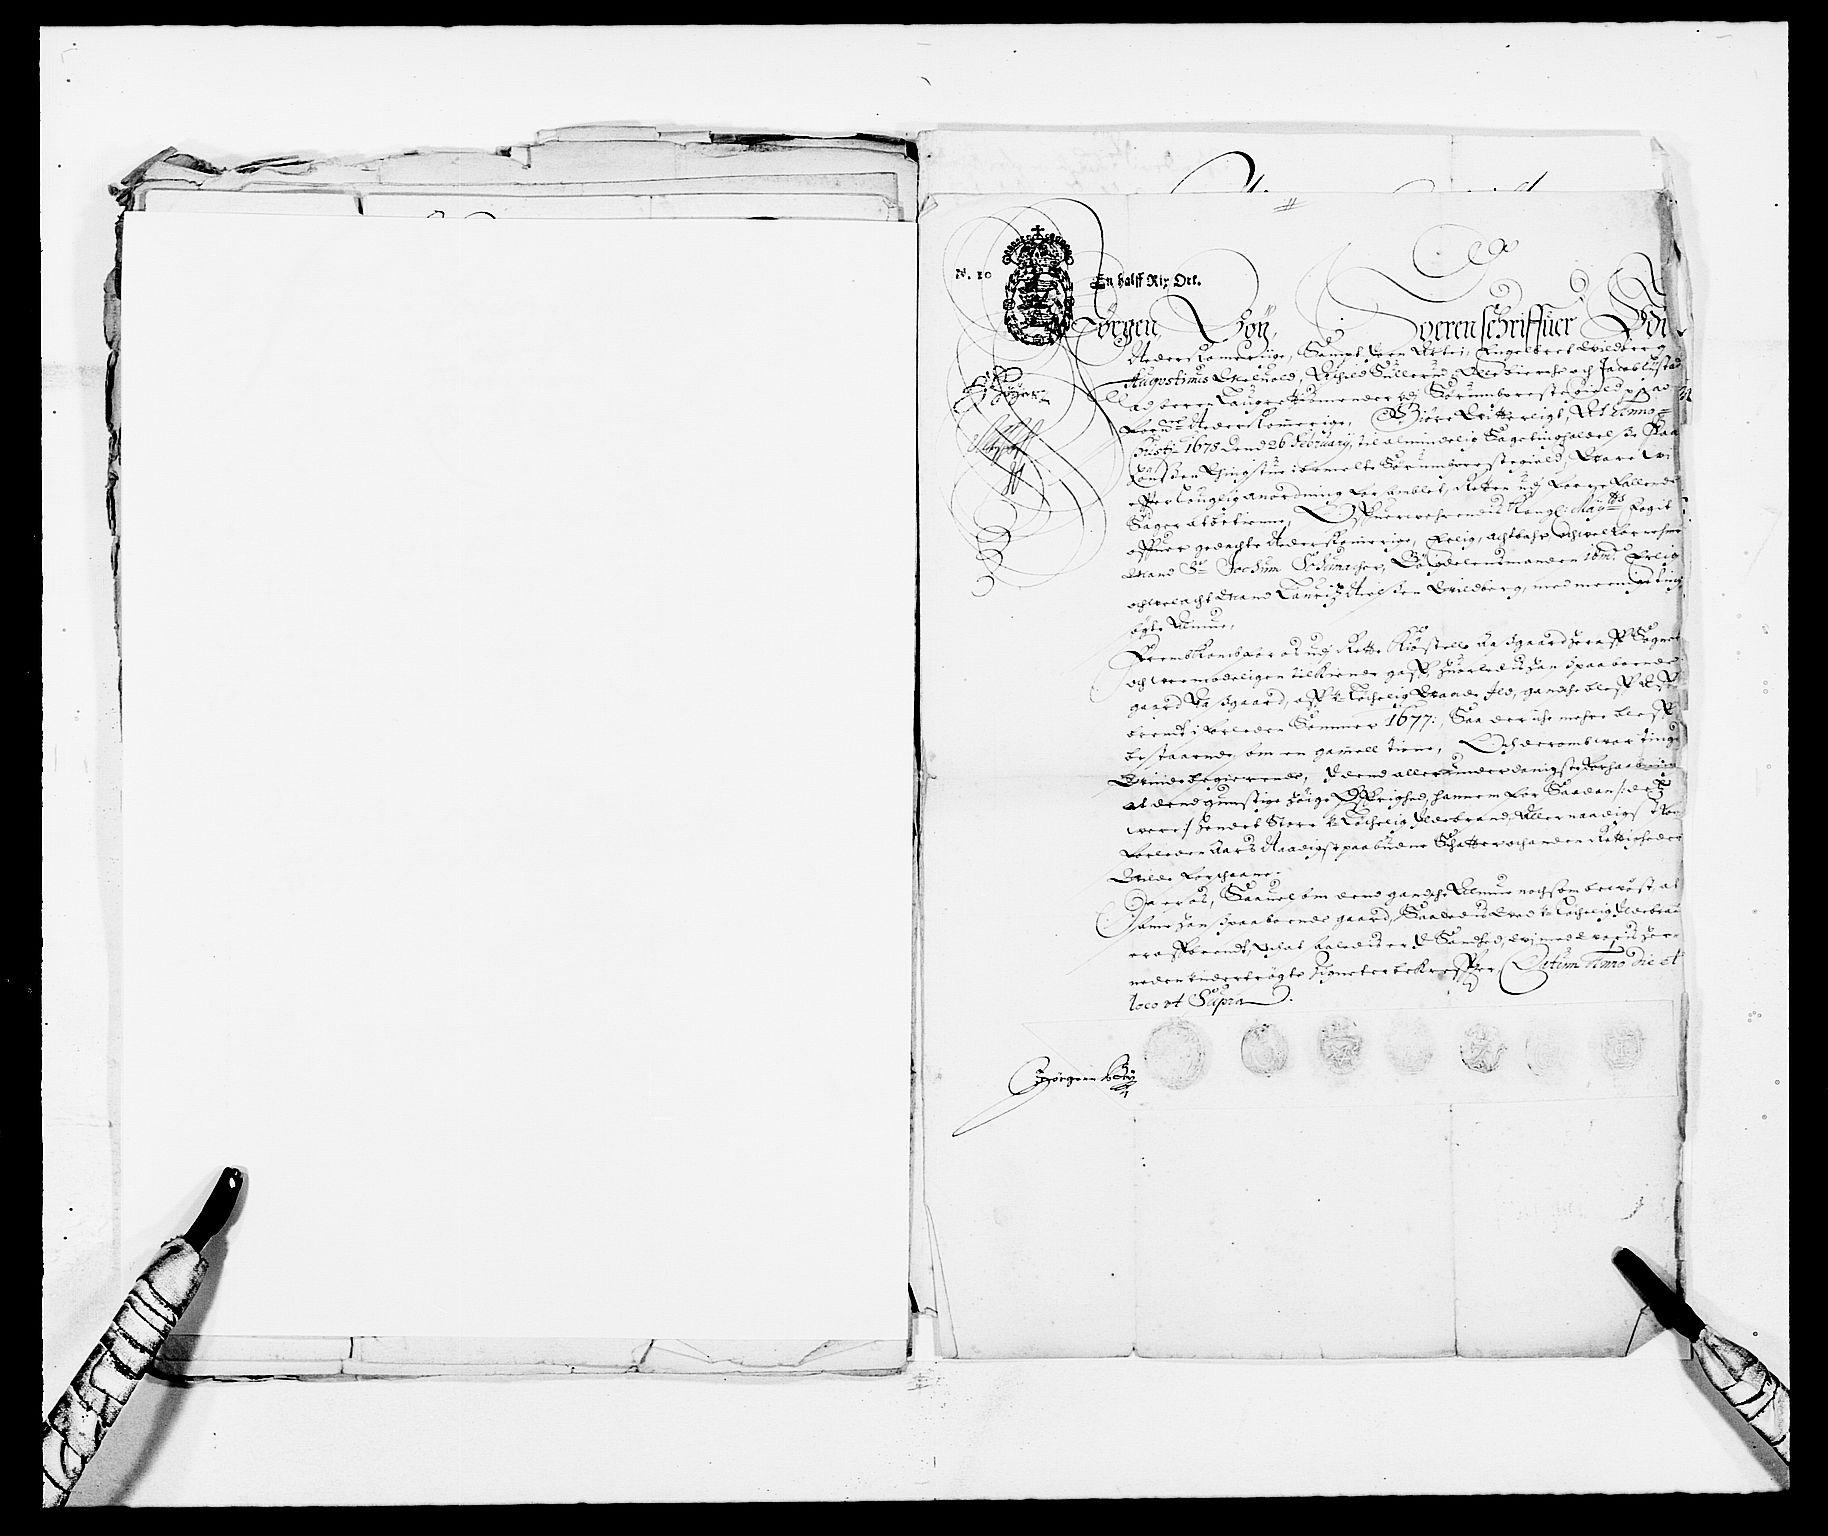 RA, Rentekammeret inntil 1814, Reviderte regnskaper, Fogderegnskap, R11/L0567: Fogderegnskap Nedre Romerike, 1678, s. 296